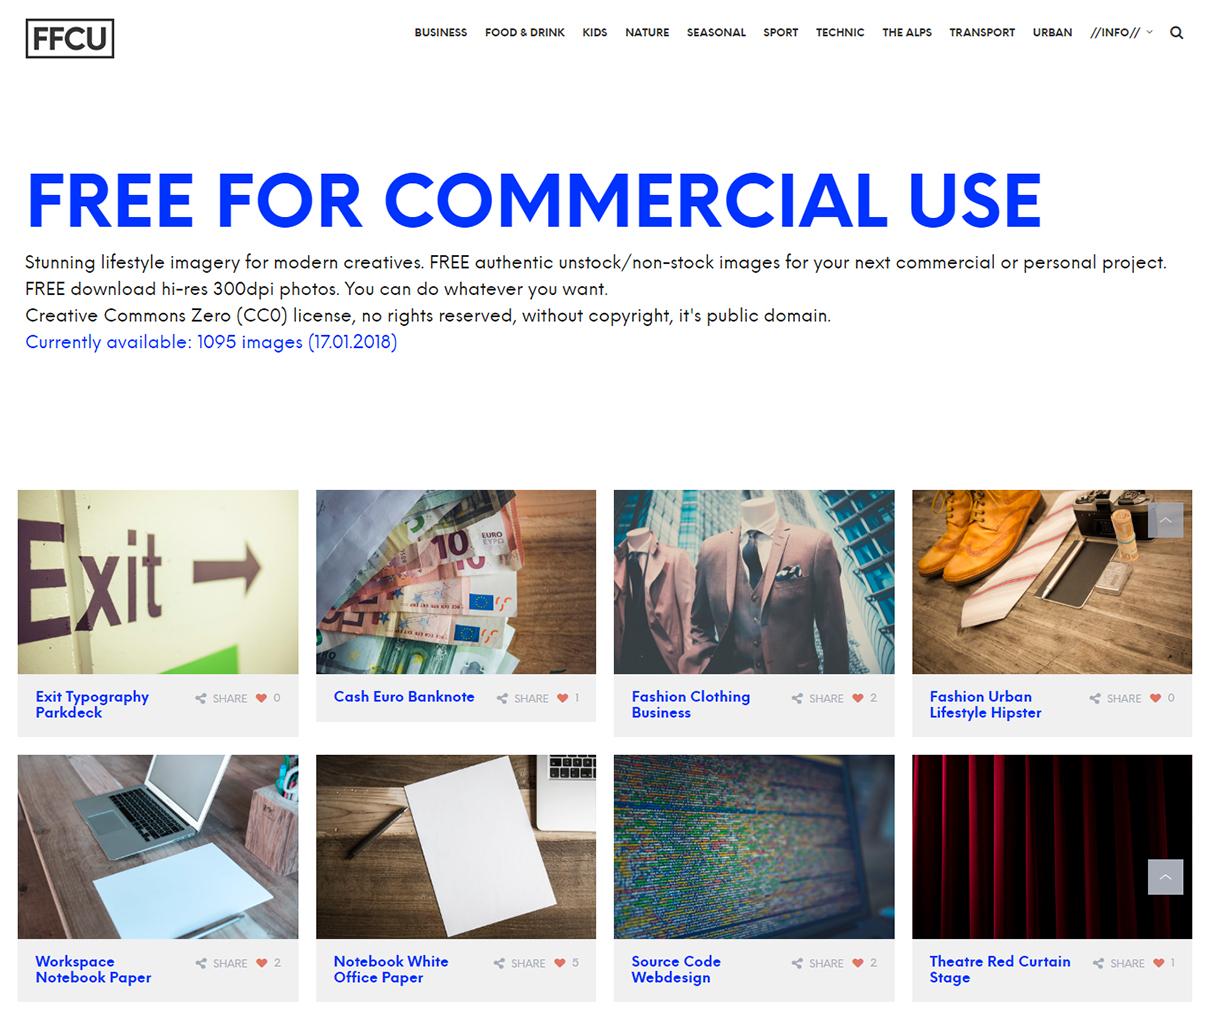 Freeforcommercialuse